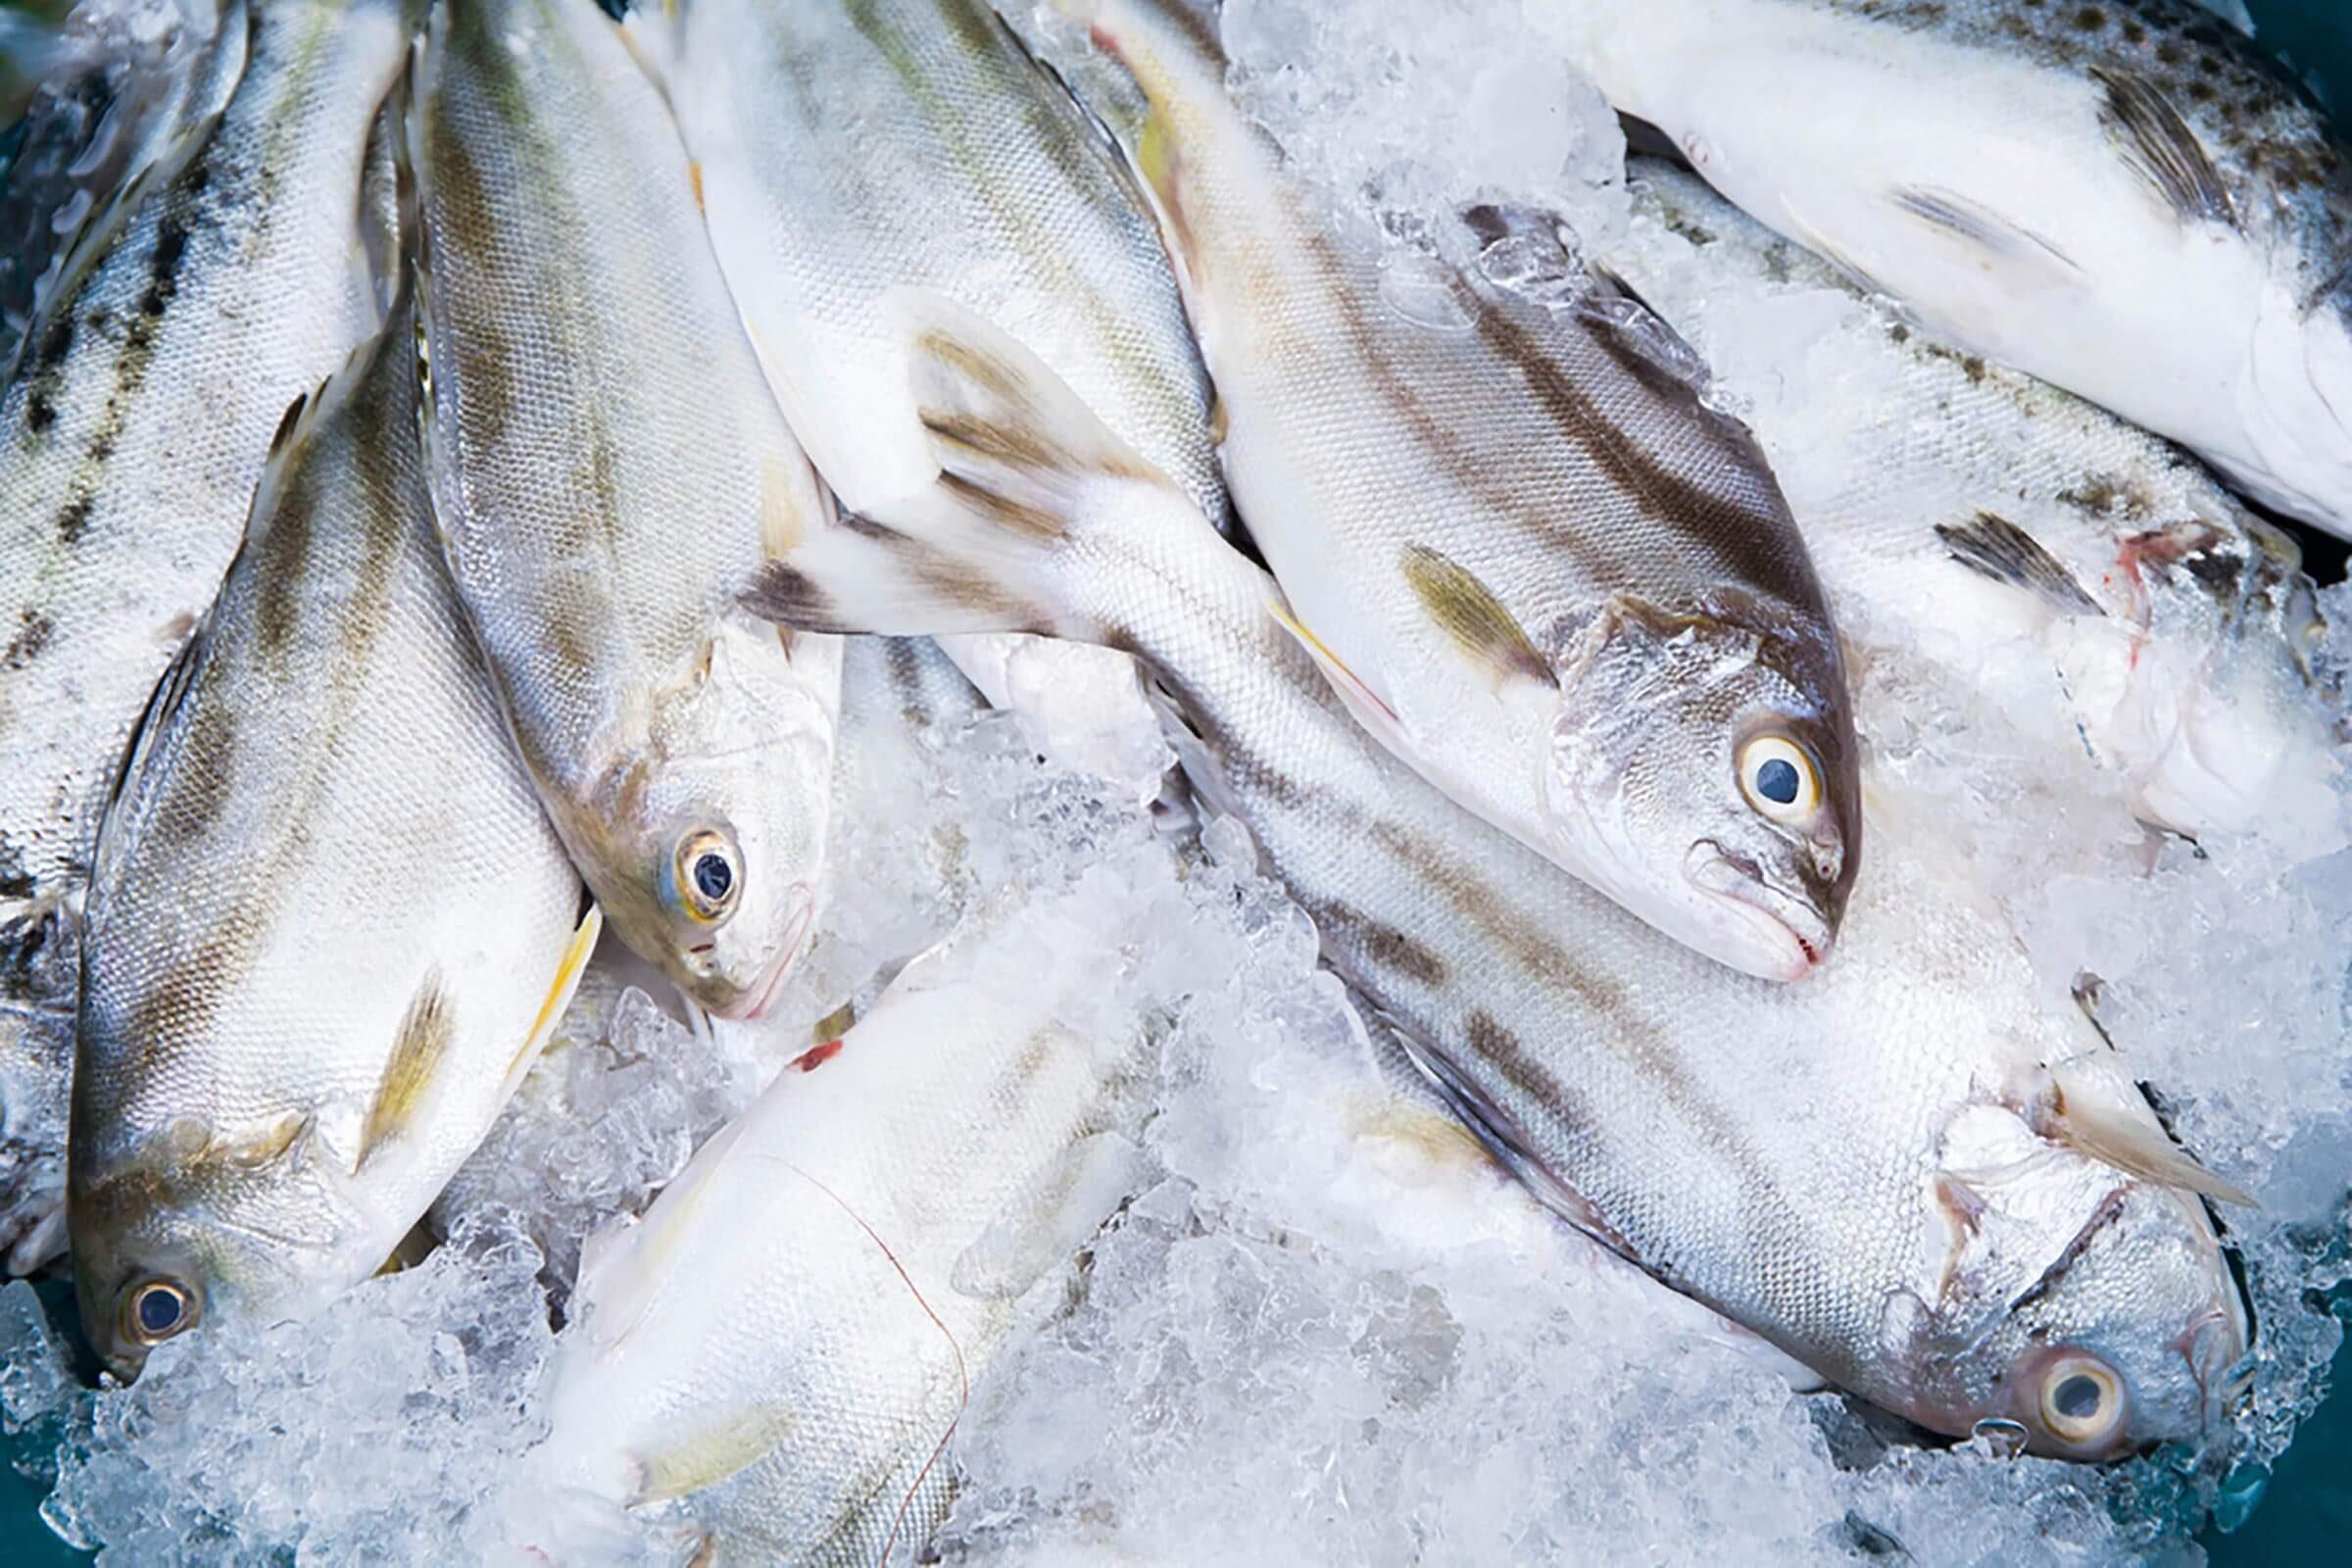 Image de poissons échoués, qui contiennent du zinc.